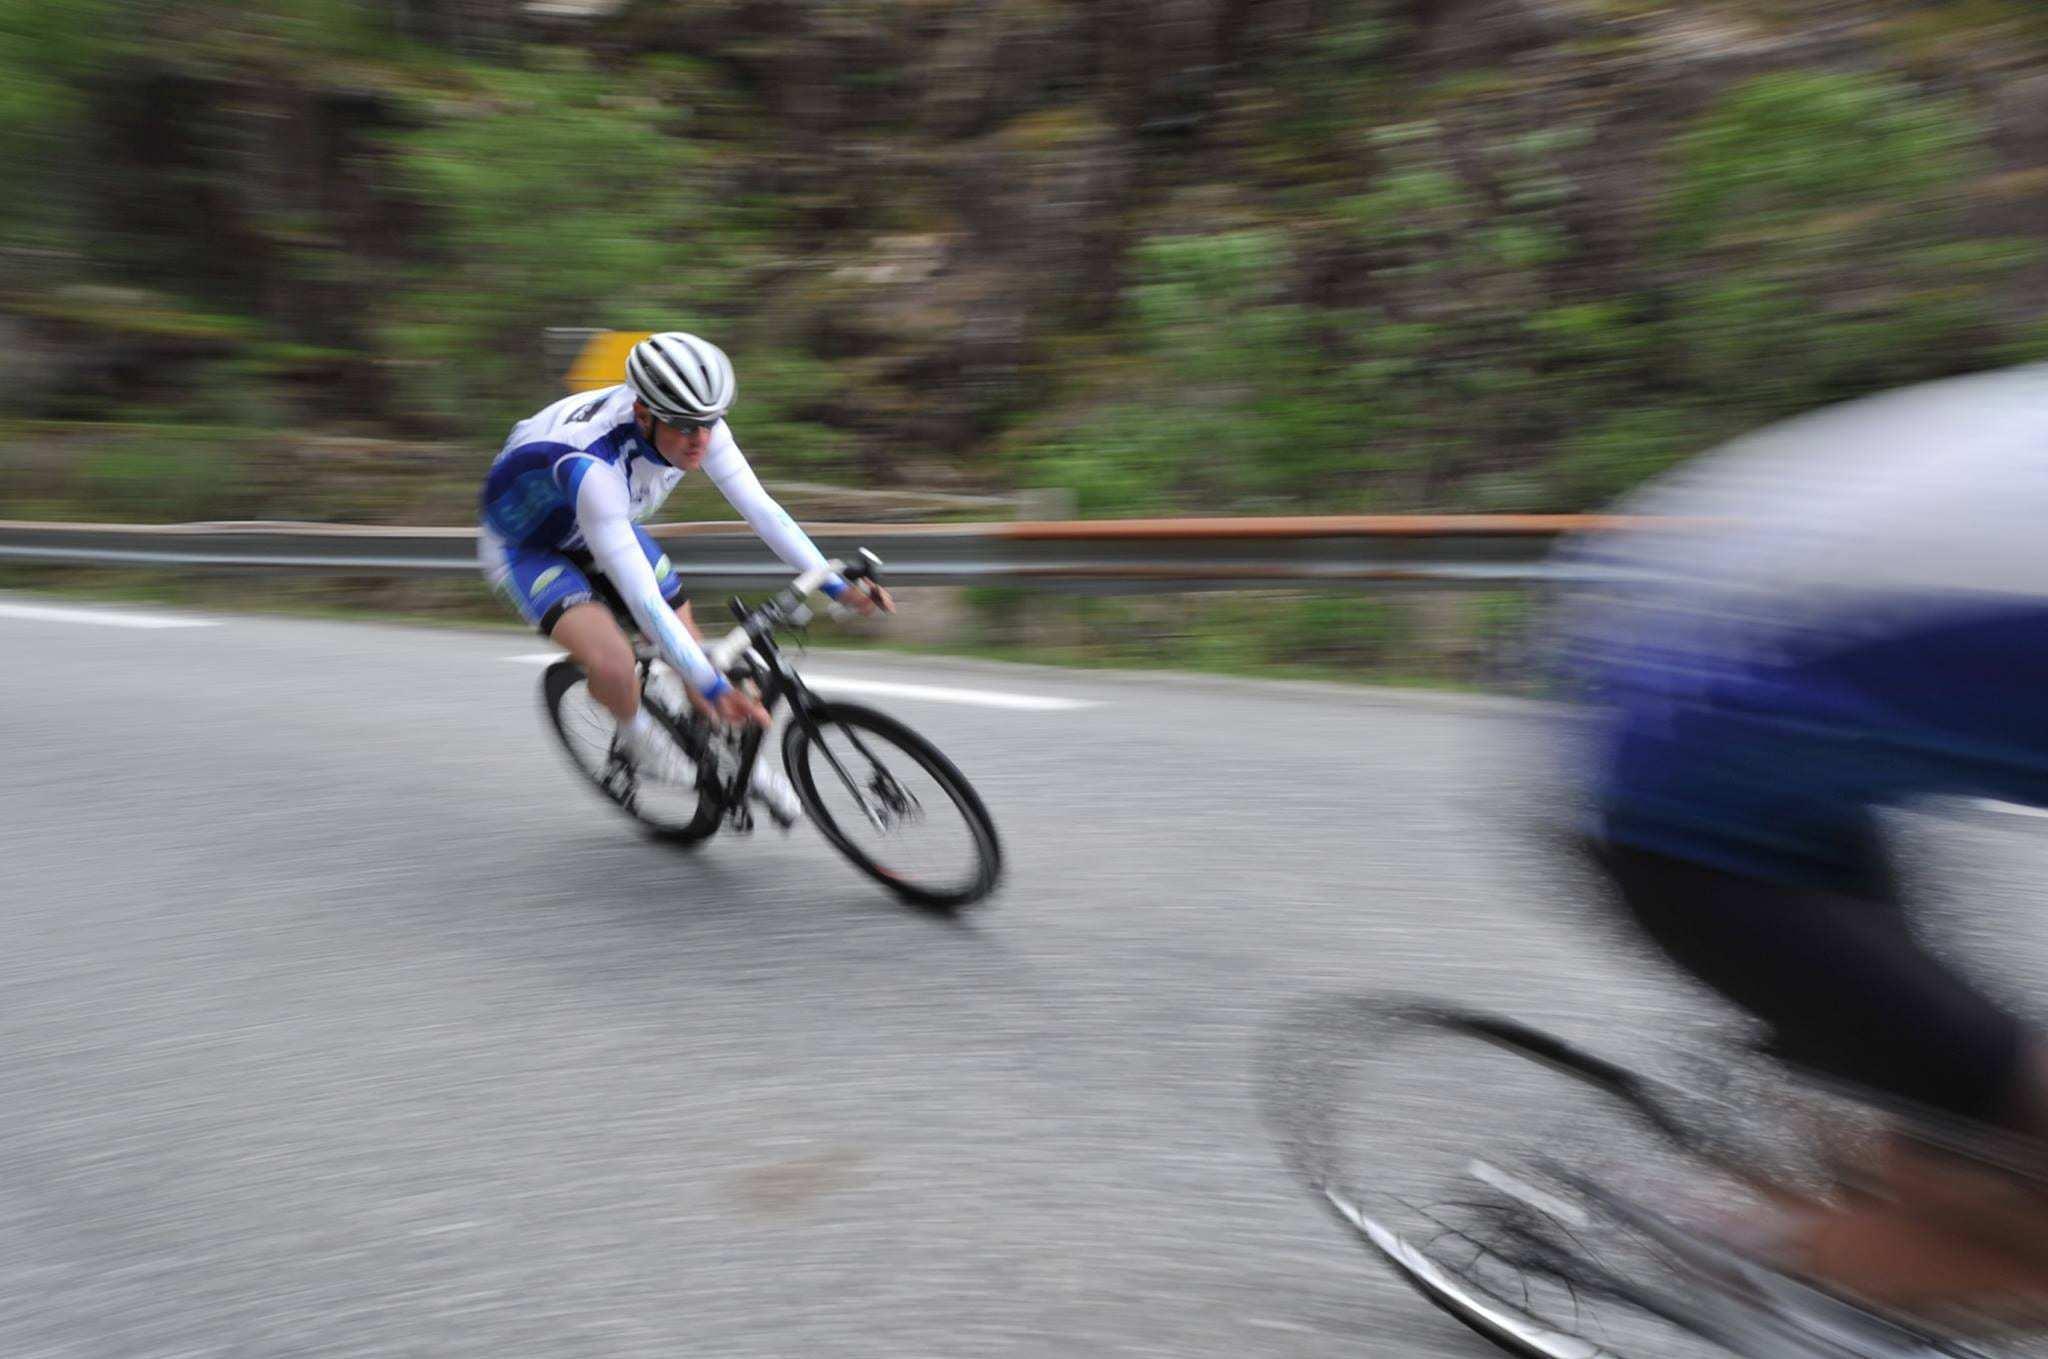 Mann på sykkel i høy fart